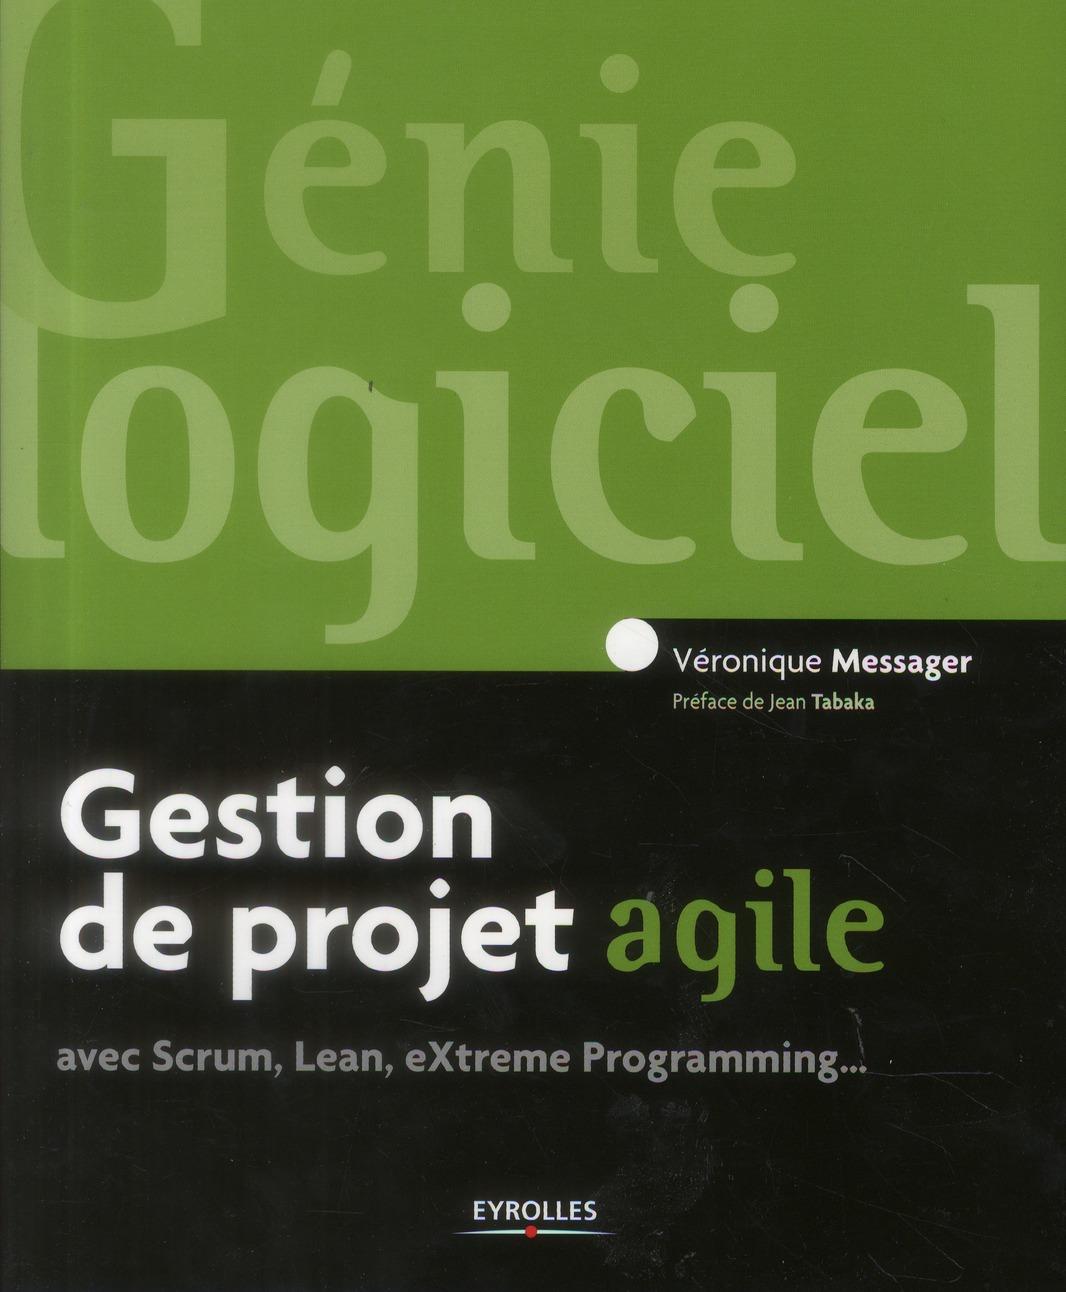 GESTION DE PROJET AGILE, AVEC SCRUM, LEAN, EXTREME PROGRAMM ING... - AVEC SCRUM, LEAN, EXTREME PROGR